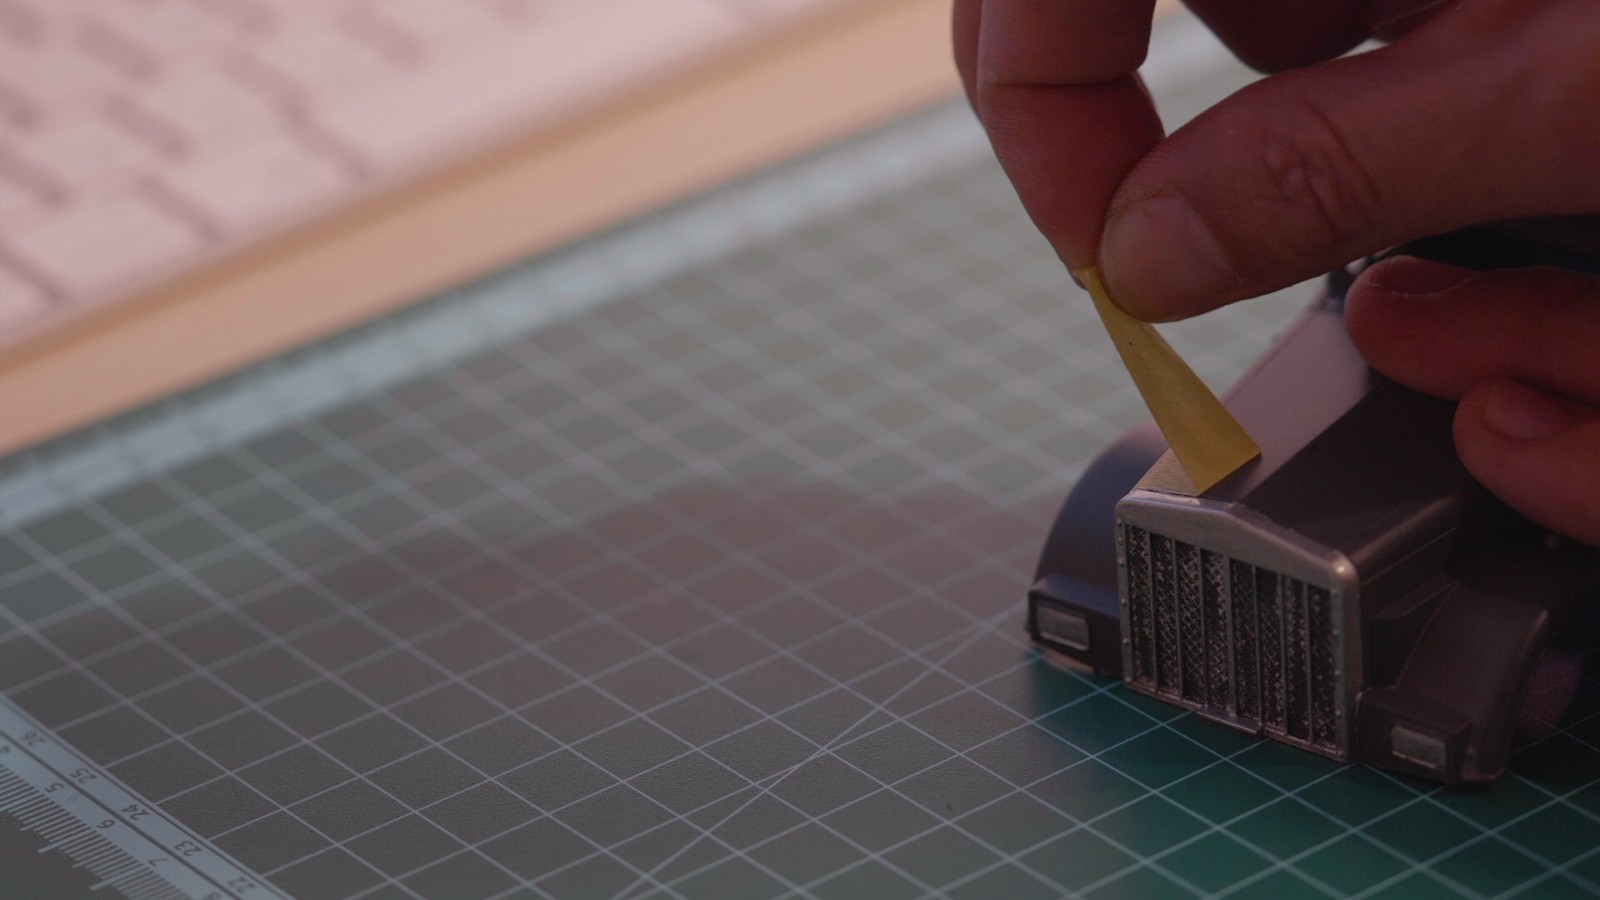 タミヤワイルドミニ四駆「ブルヘッドジュニア」の塗装